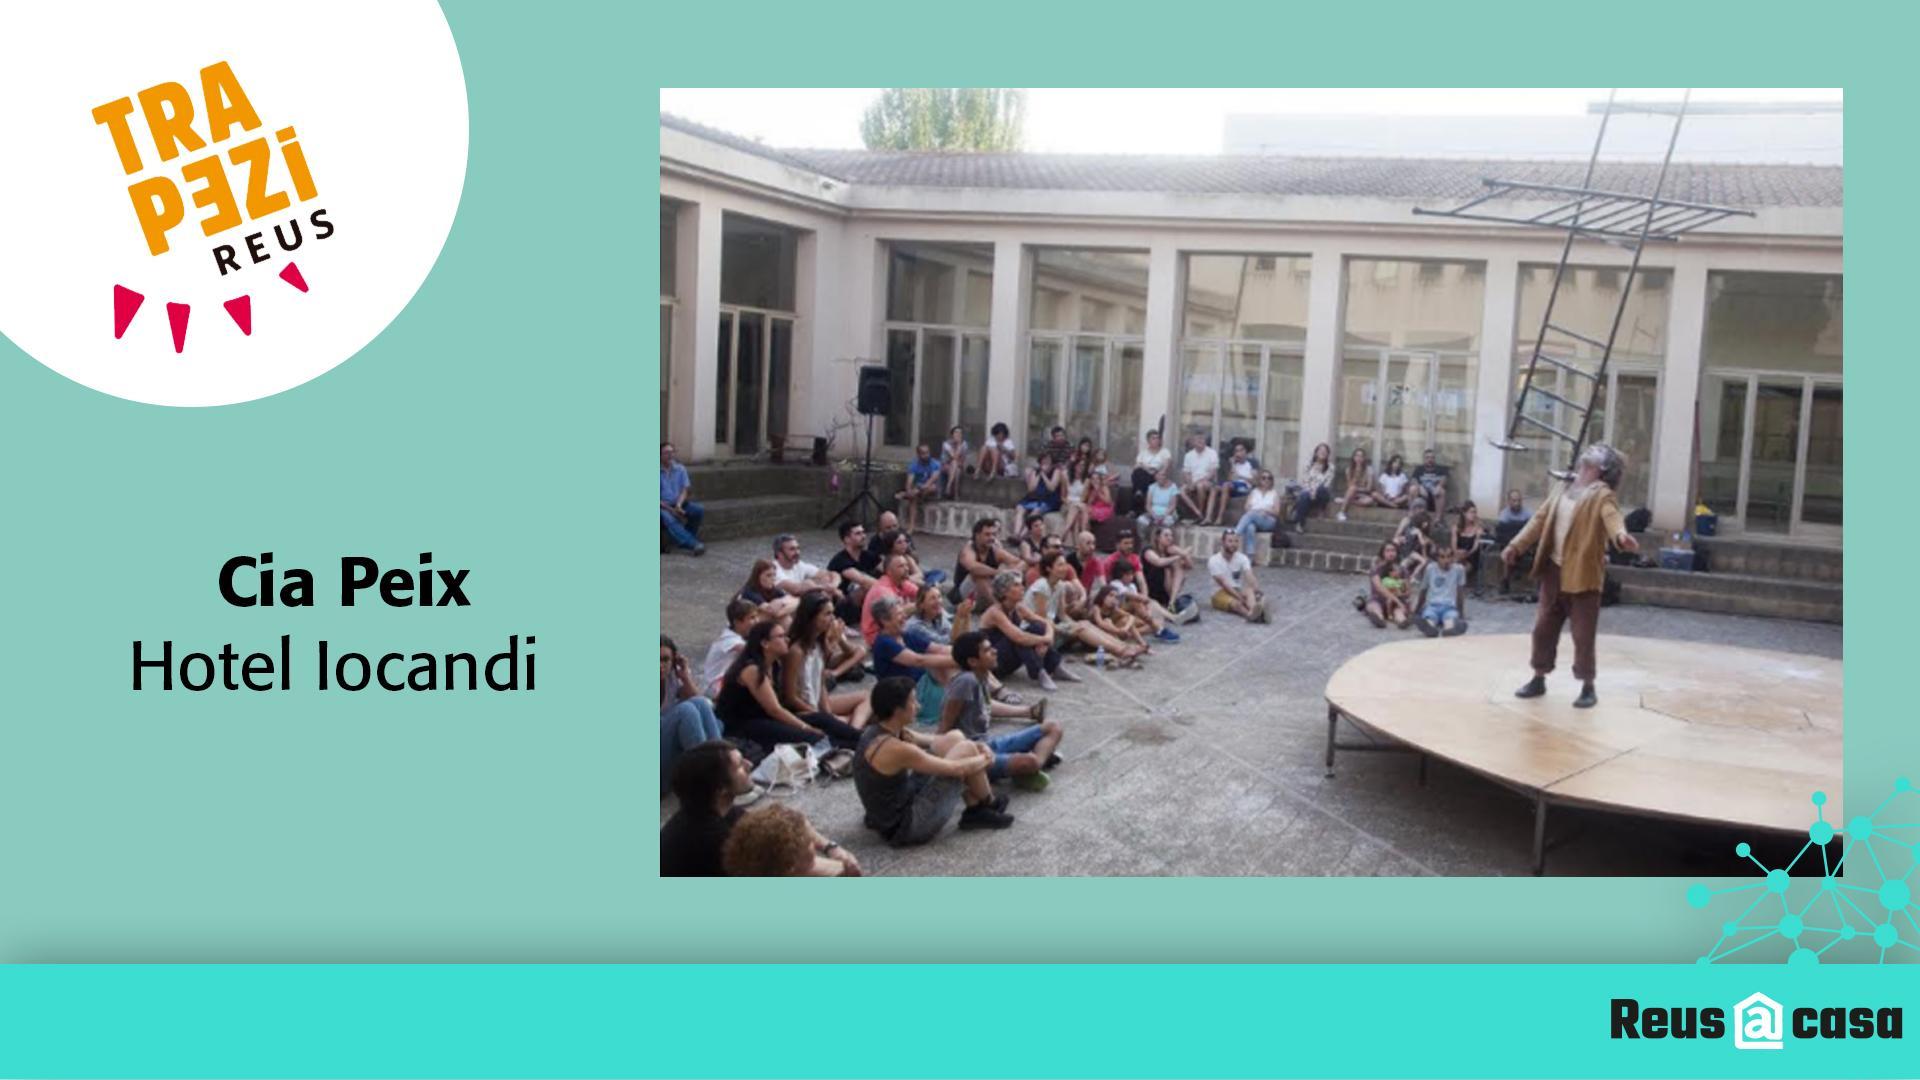 Fira Trapezi Reus: Cia Peix – Hotel Iocandi